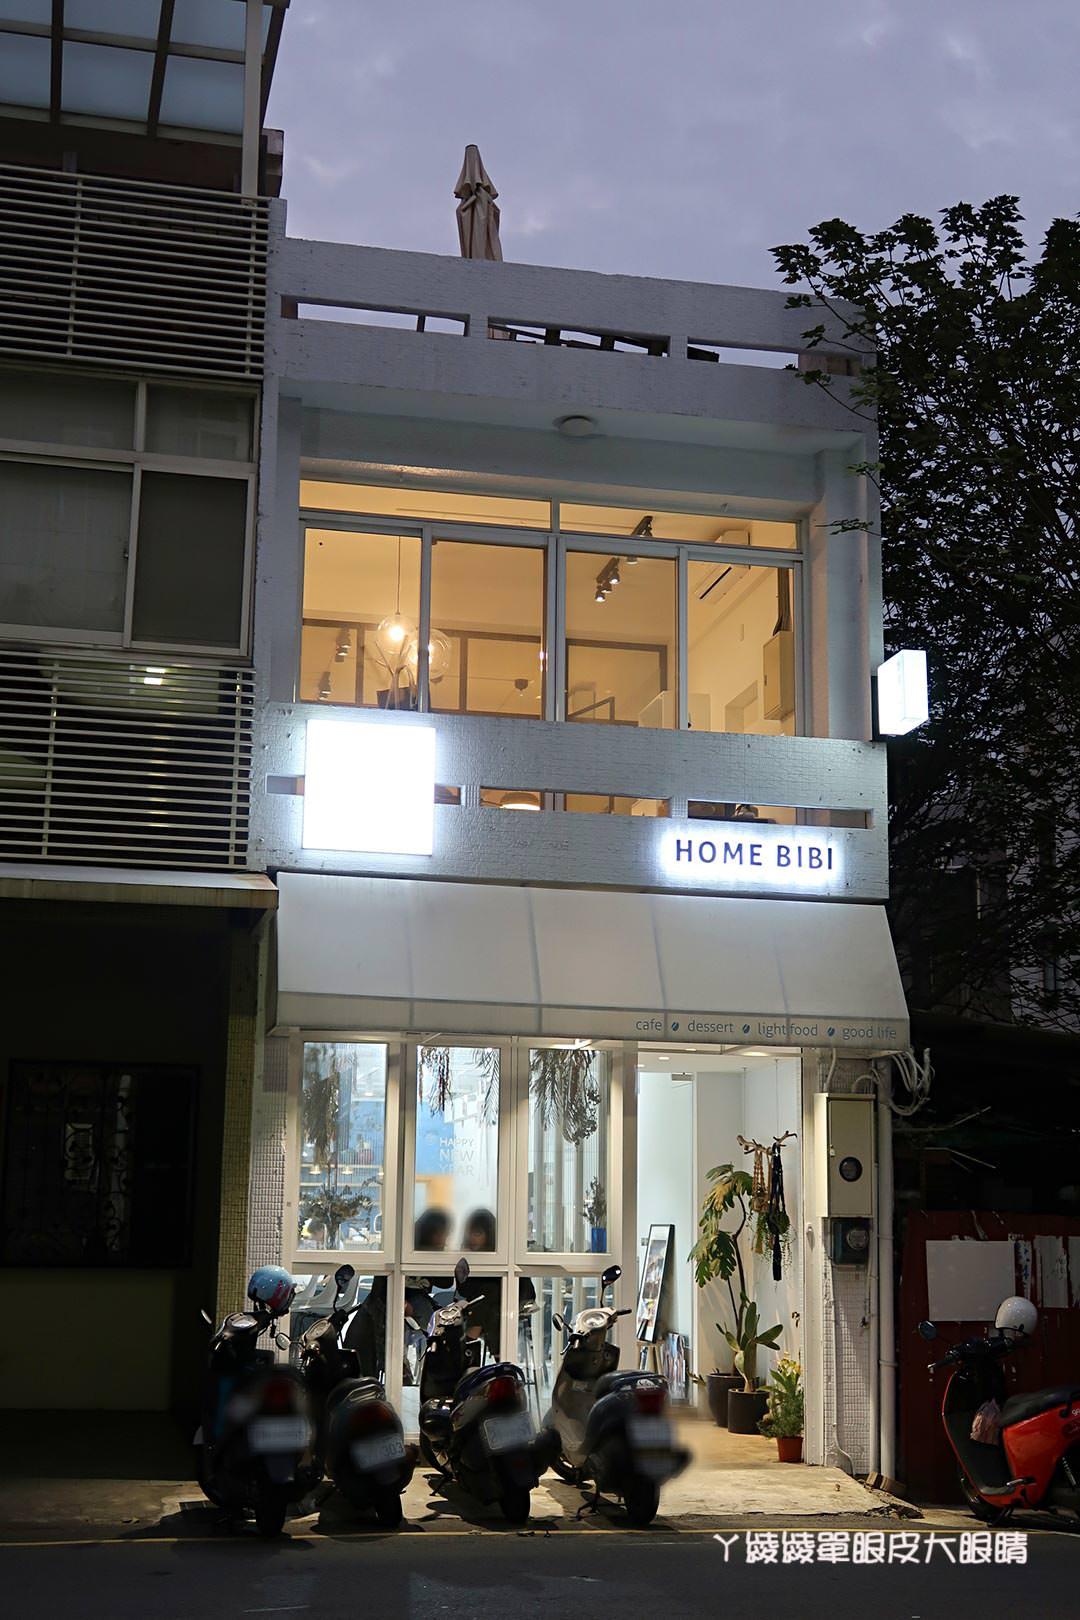 新竹甜點店也有米粉煎餅?手沖咖啡你還可以這樣體驗!風徐徐咖啡店